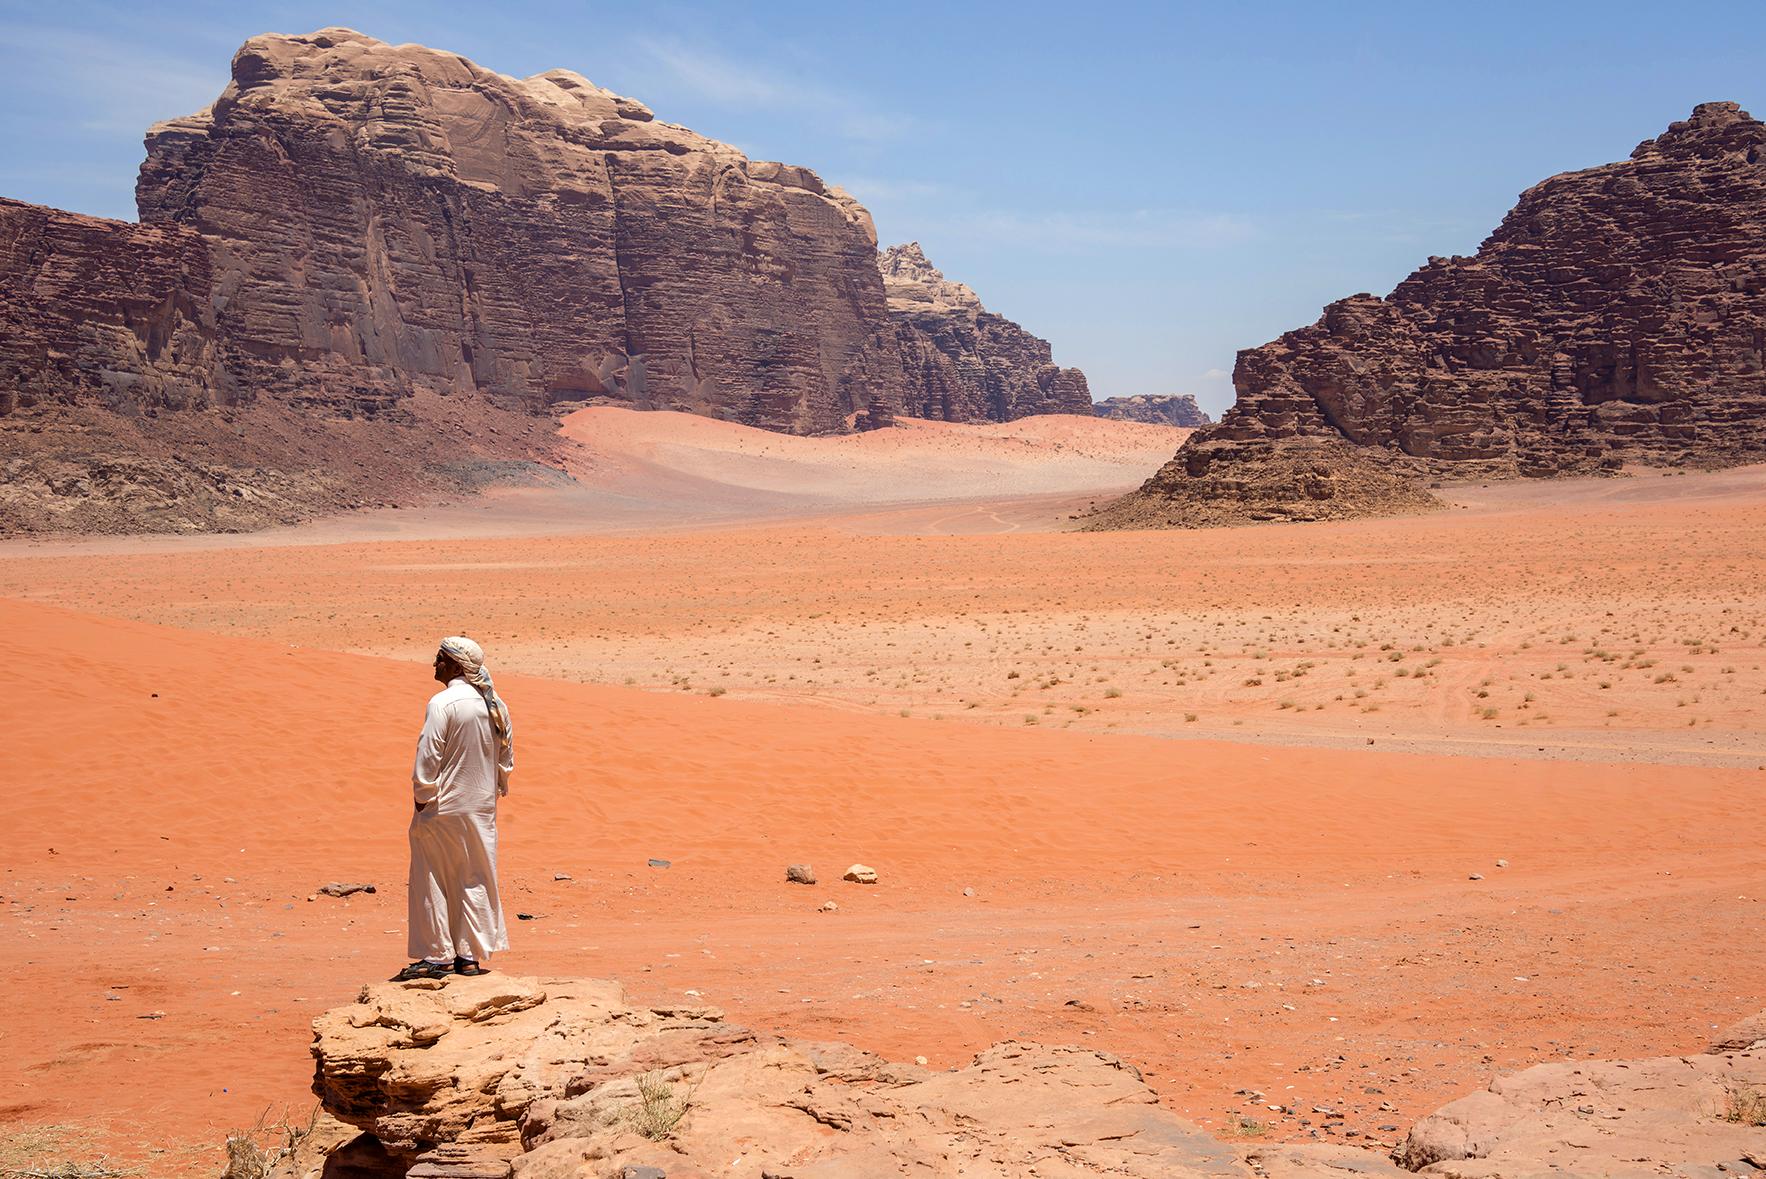 Rojizos y solitarios parajes en el desierto de Jordania